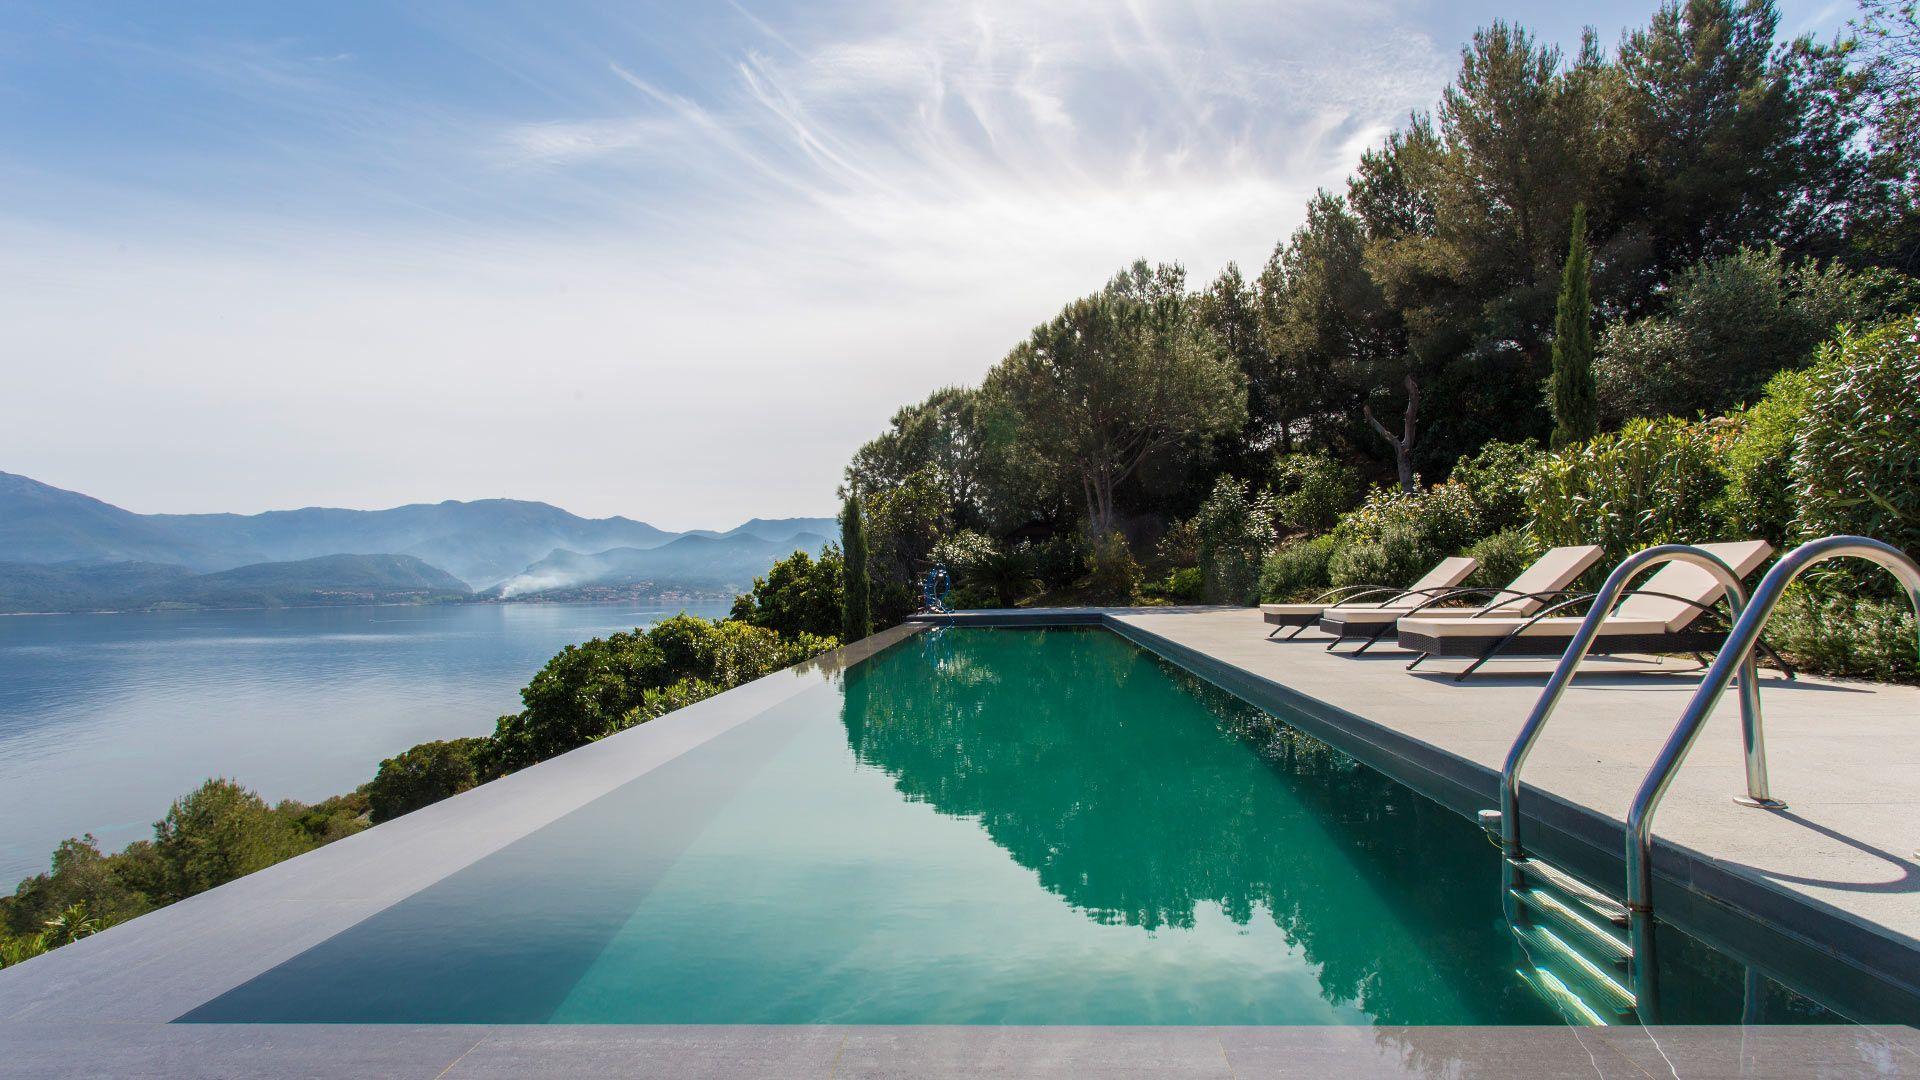 Villa Jasmin corsica swimmingpool views villanovo